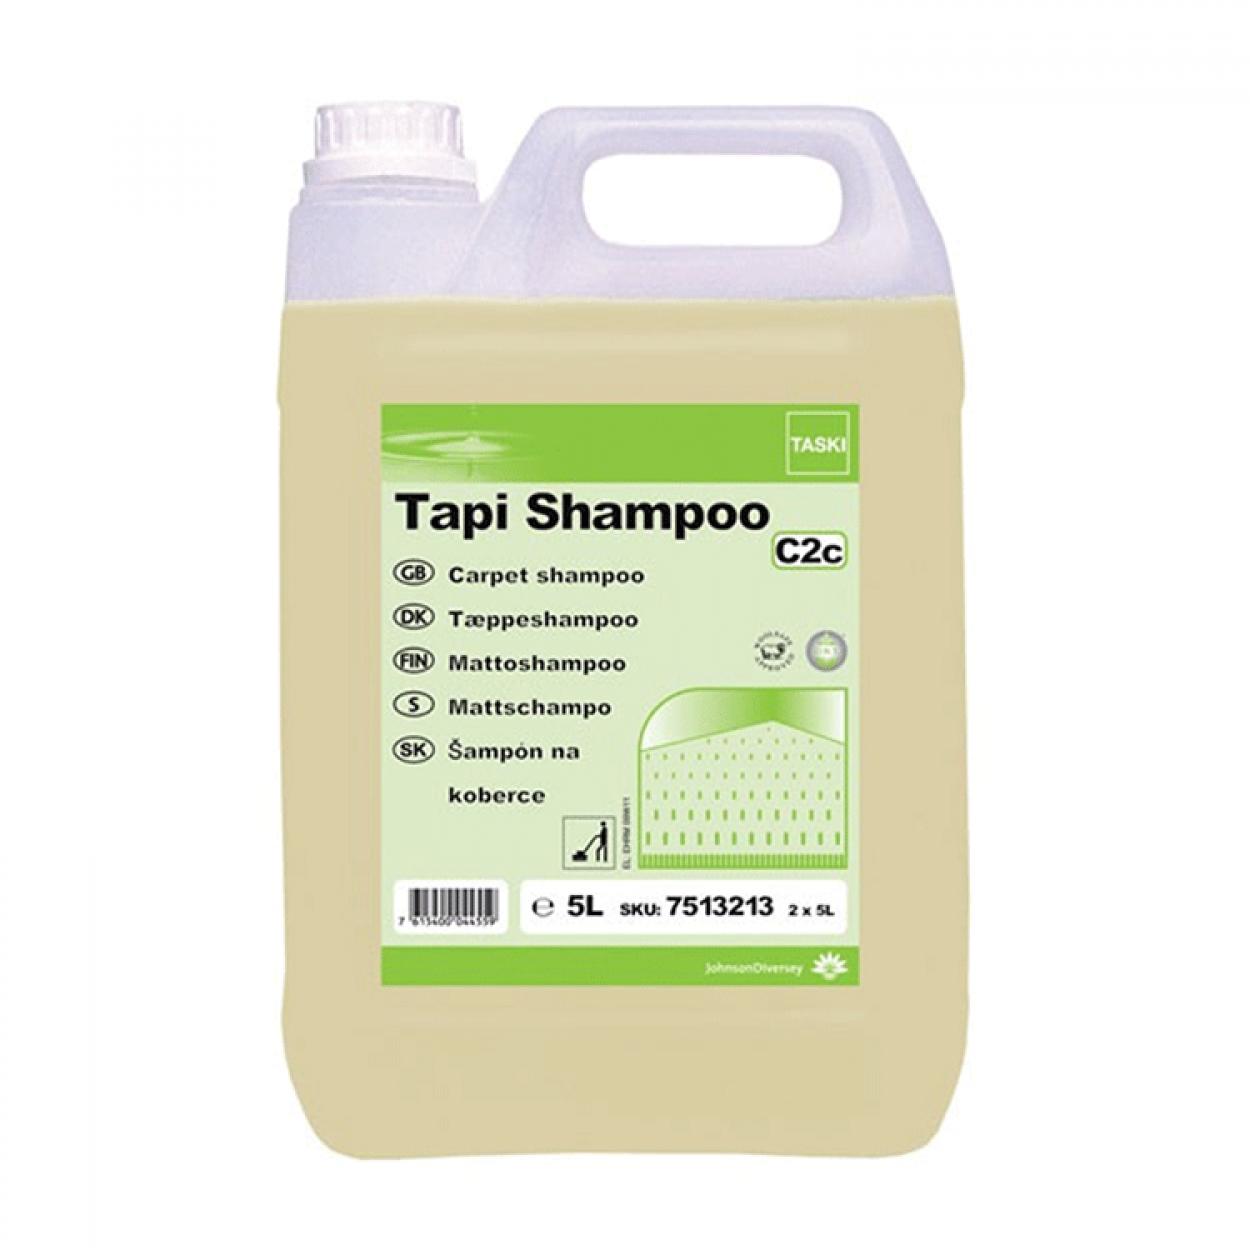 Taski Tapi Shampoo C2c Kuru Köpük Halı Şampuanı 5.20 Kg